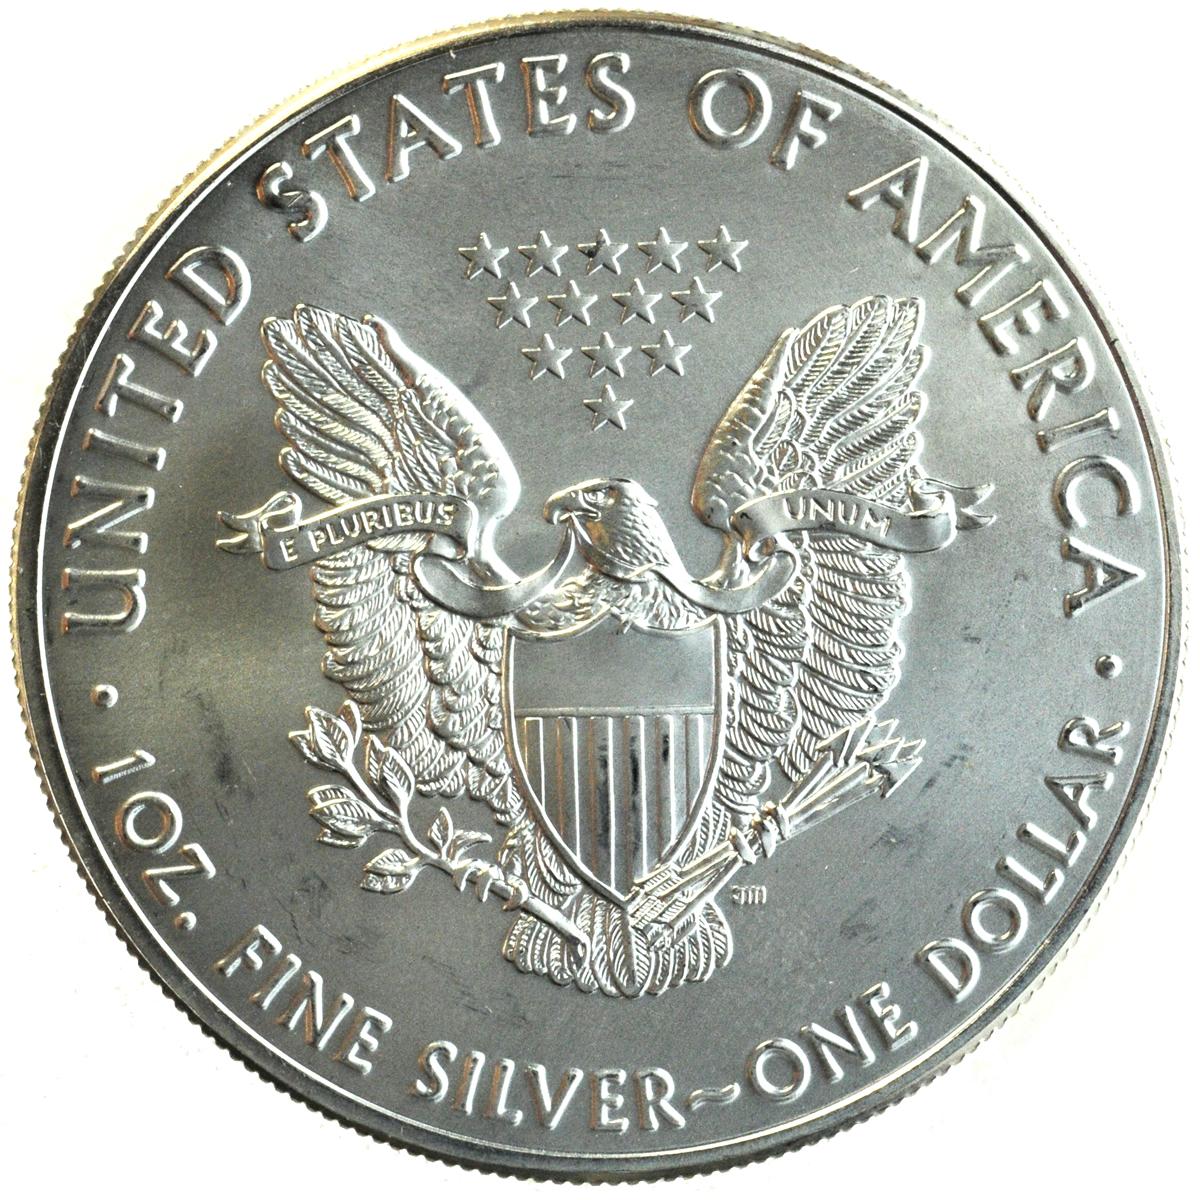 1 Troy Ounce Silver Bullion Coin